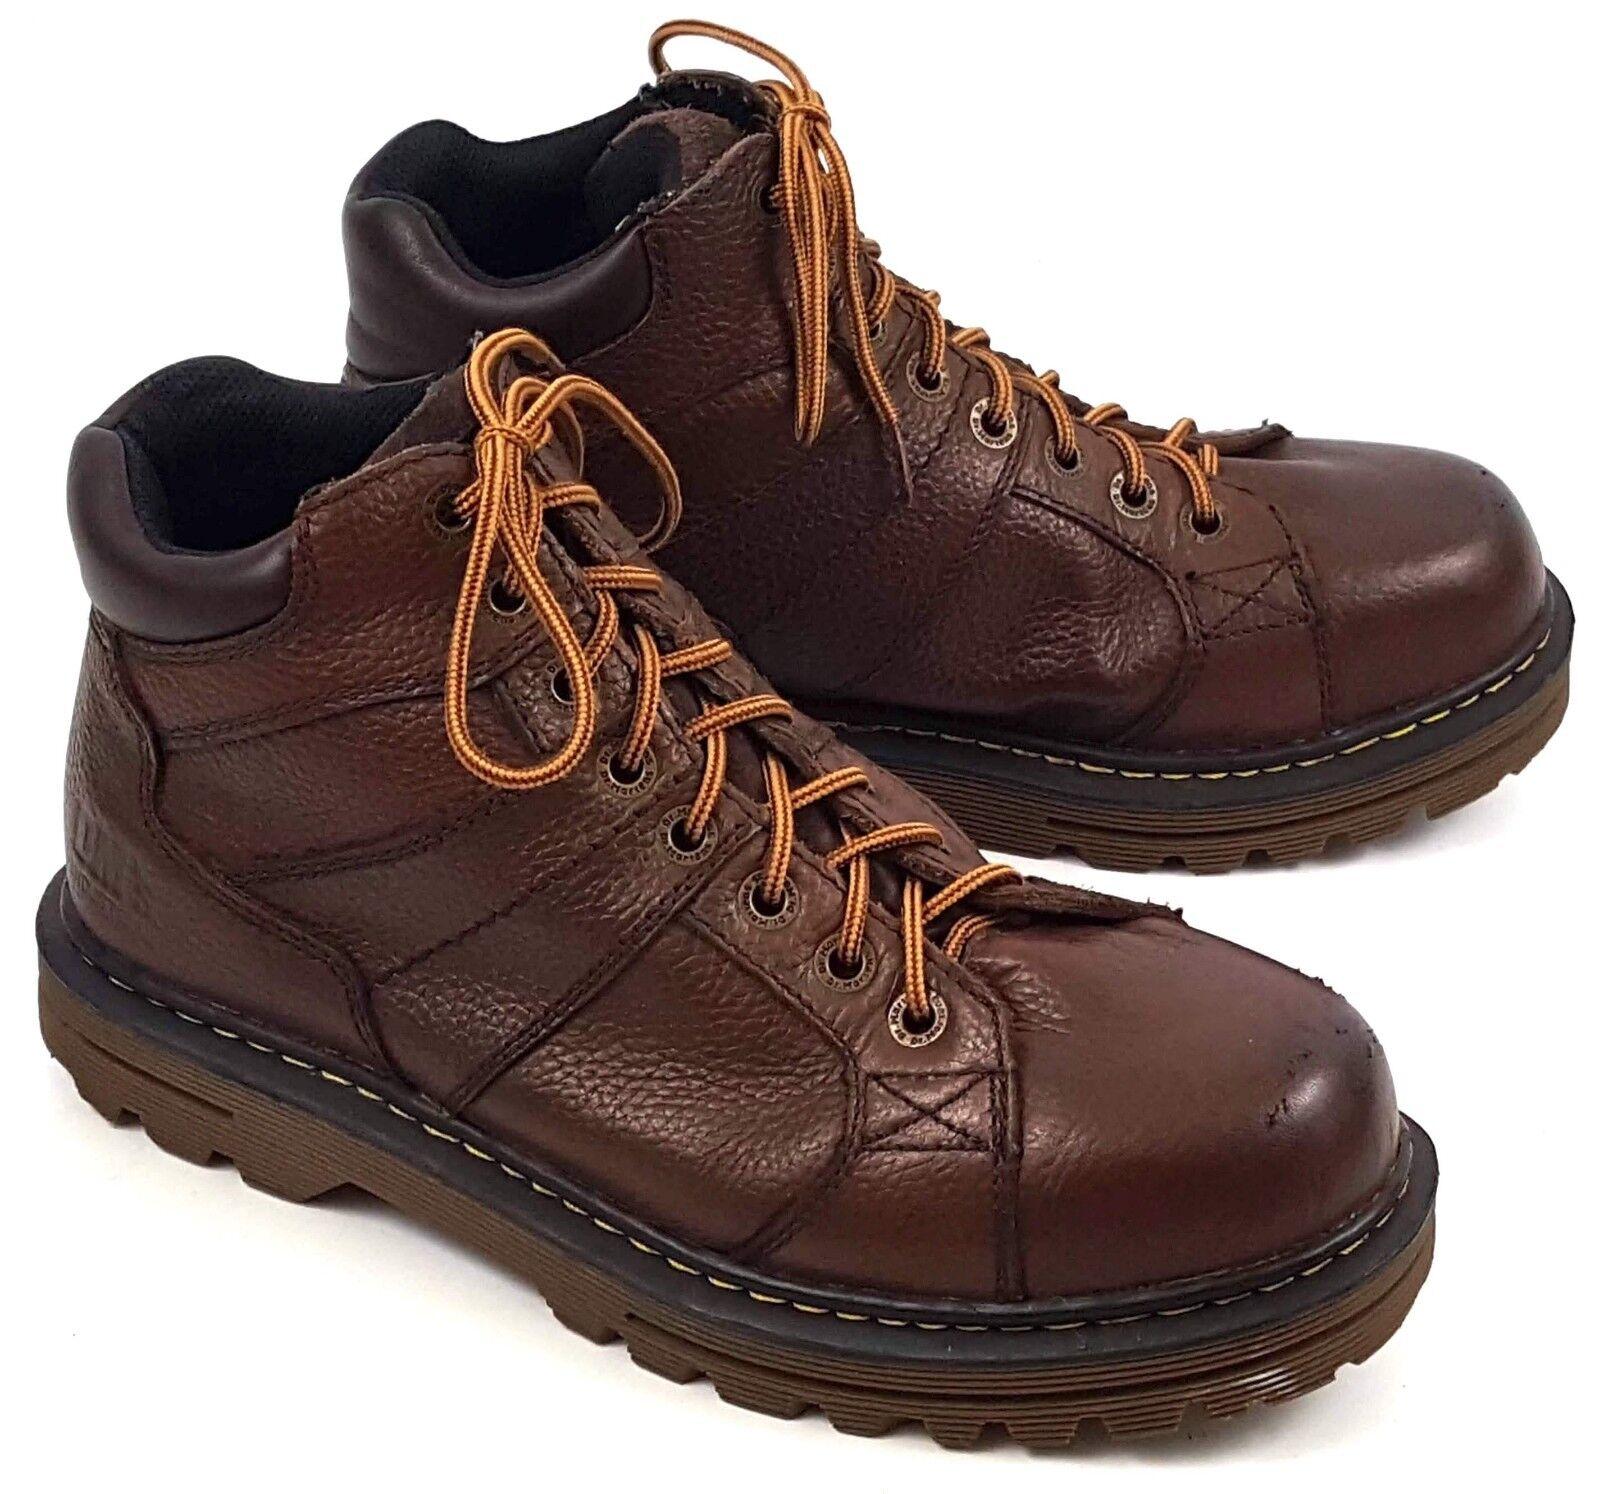 Dr. Martens Hombre Puntera De Acero Zapatos Seguridad Antideslizante Marrón